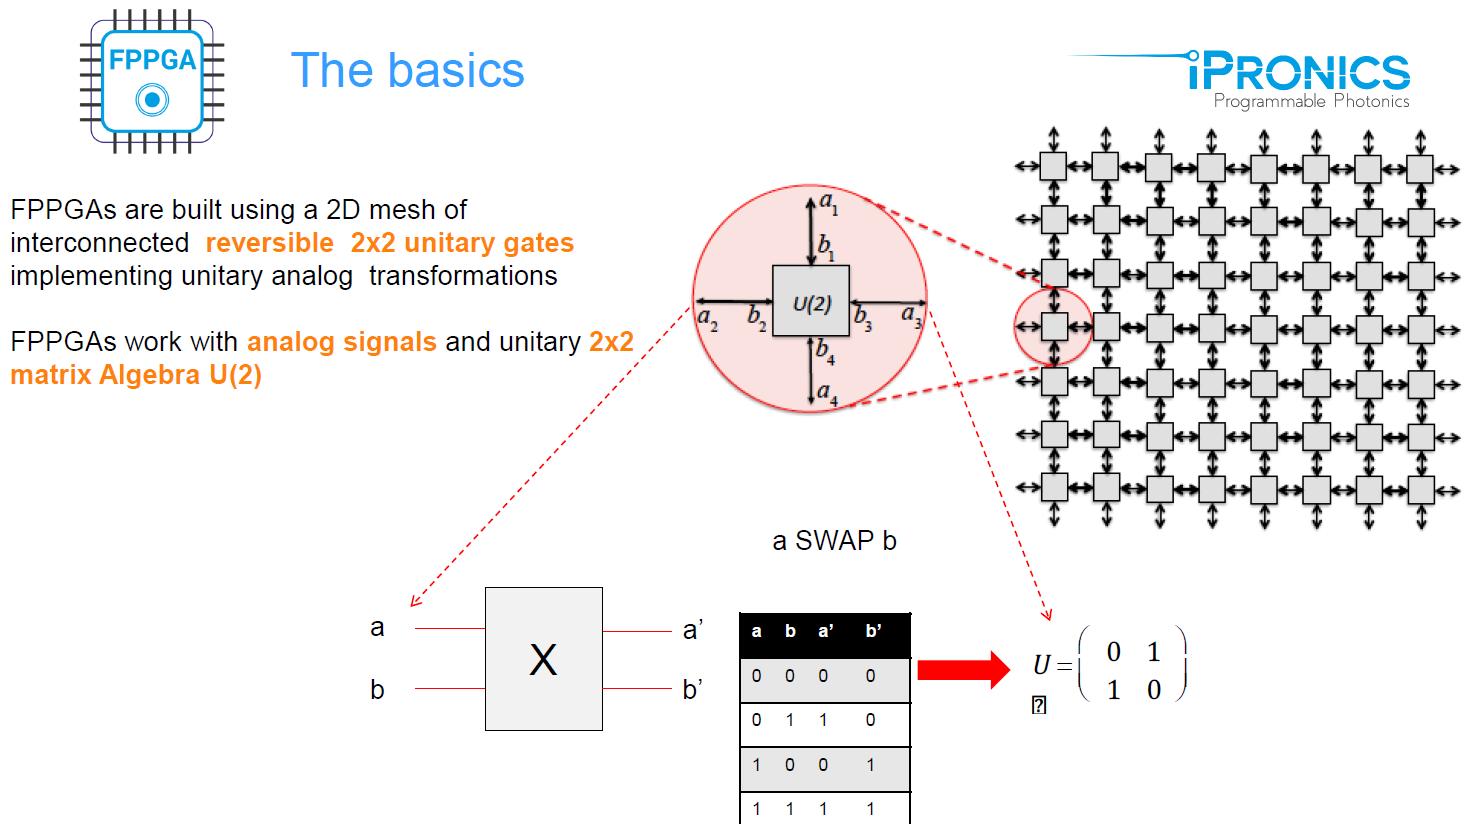 FPPGA Basics